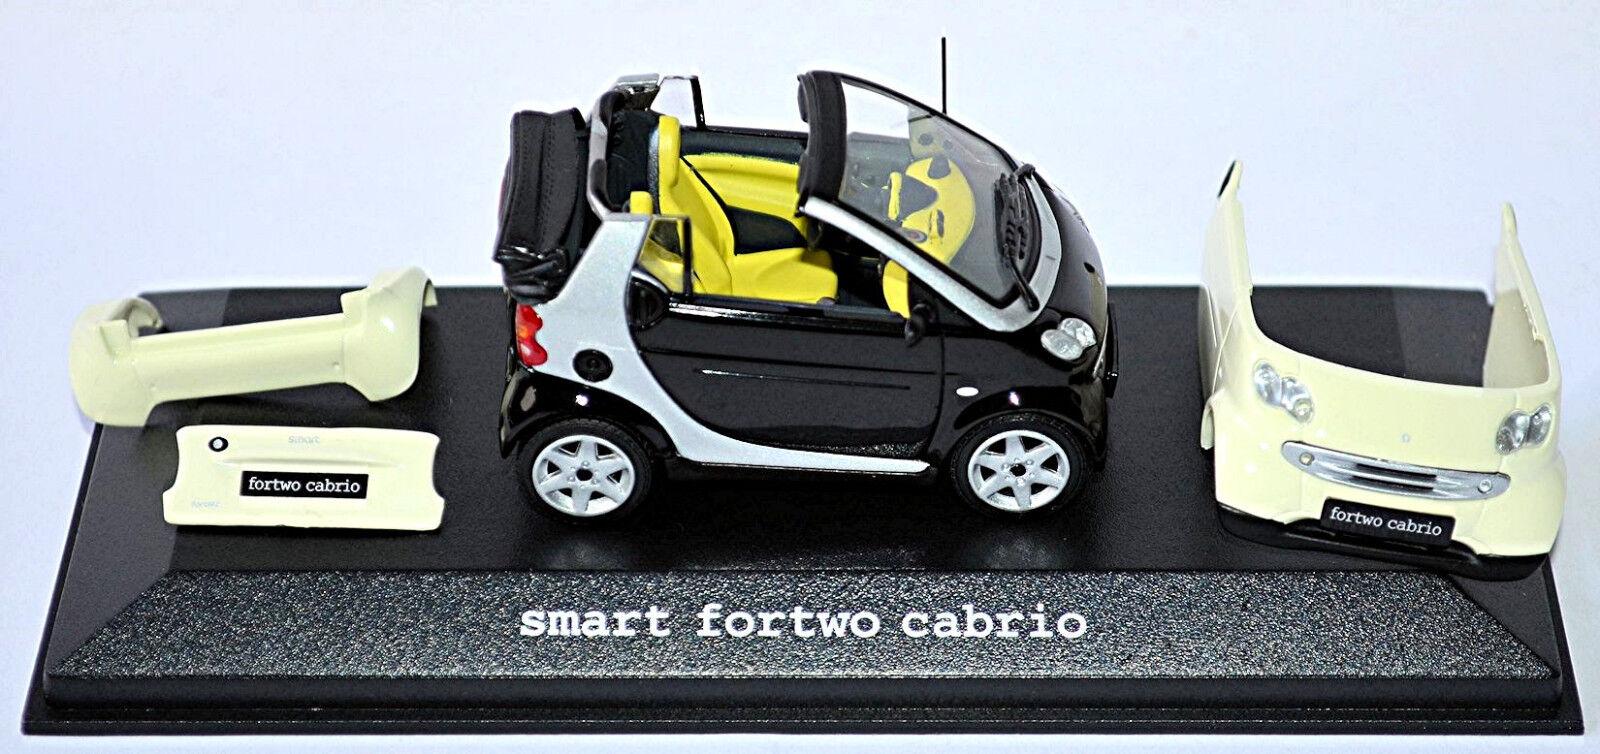 intelligent Fortwo Cabrio 2003-07 Facelift A450  Noir de Jais + Lite Blancheur  pour pas cher